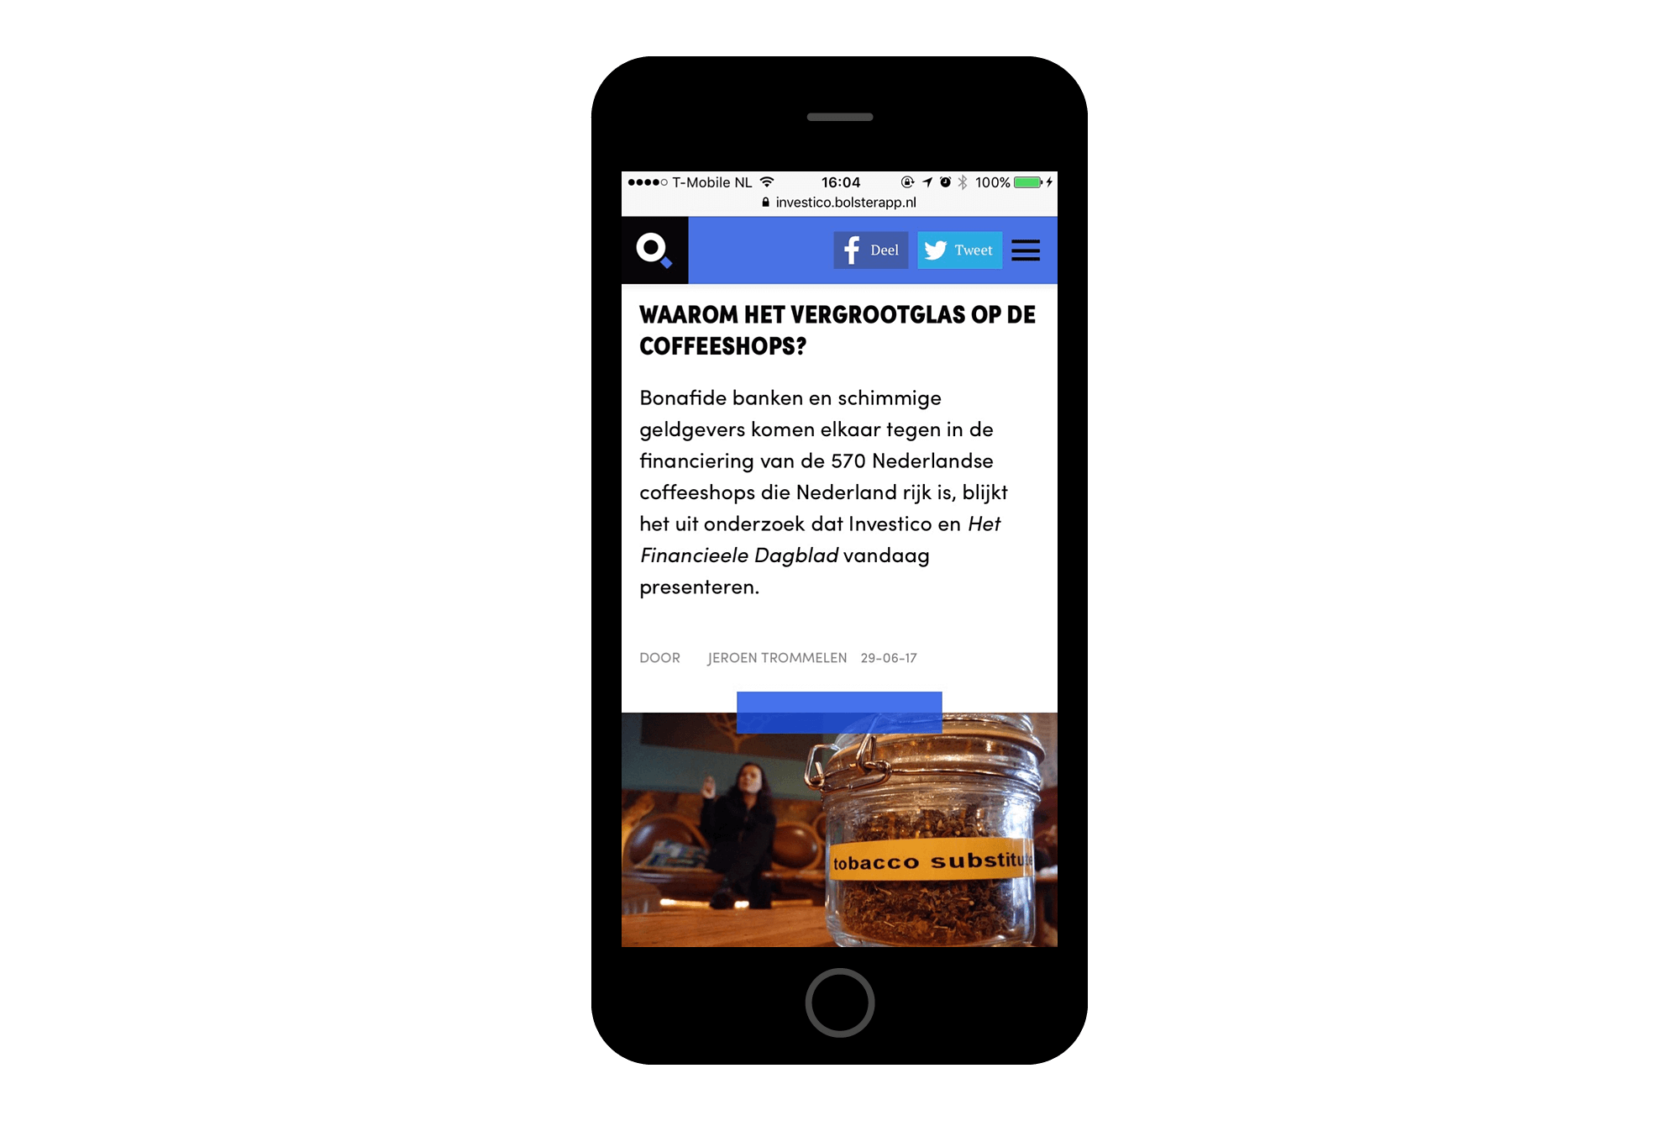 Die Website von Platform Investico, geöffnet auf einem smartphone